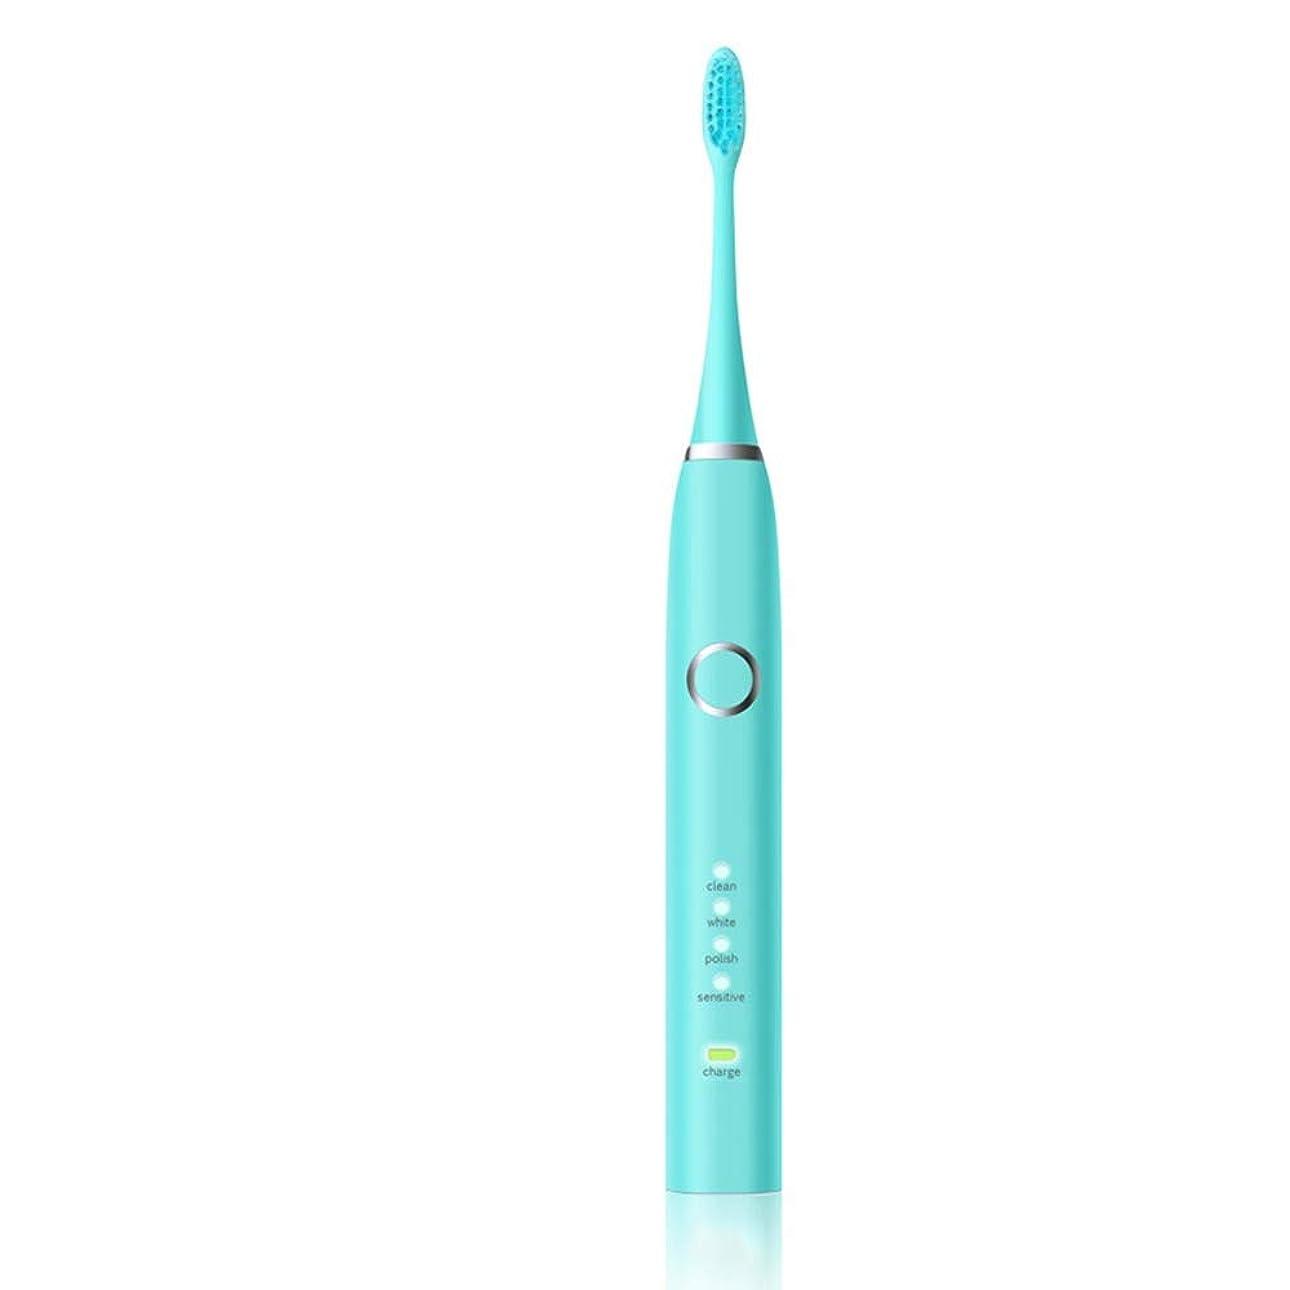 ベアリング変化するビデオ電動歯ブラシ 歯ブラシを白くするUSB??の充満基礎ホルダーの柔らかい毛と防水電動歯ブラシ (色 : 緑, サイズ : Free size)